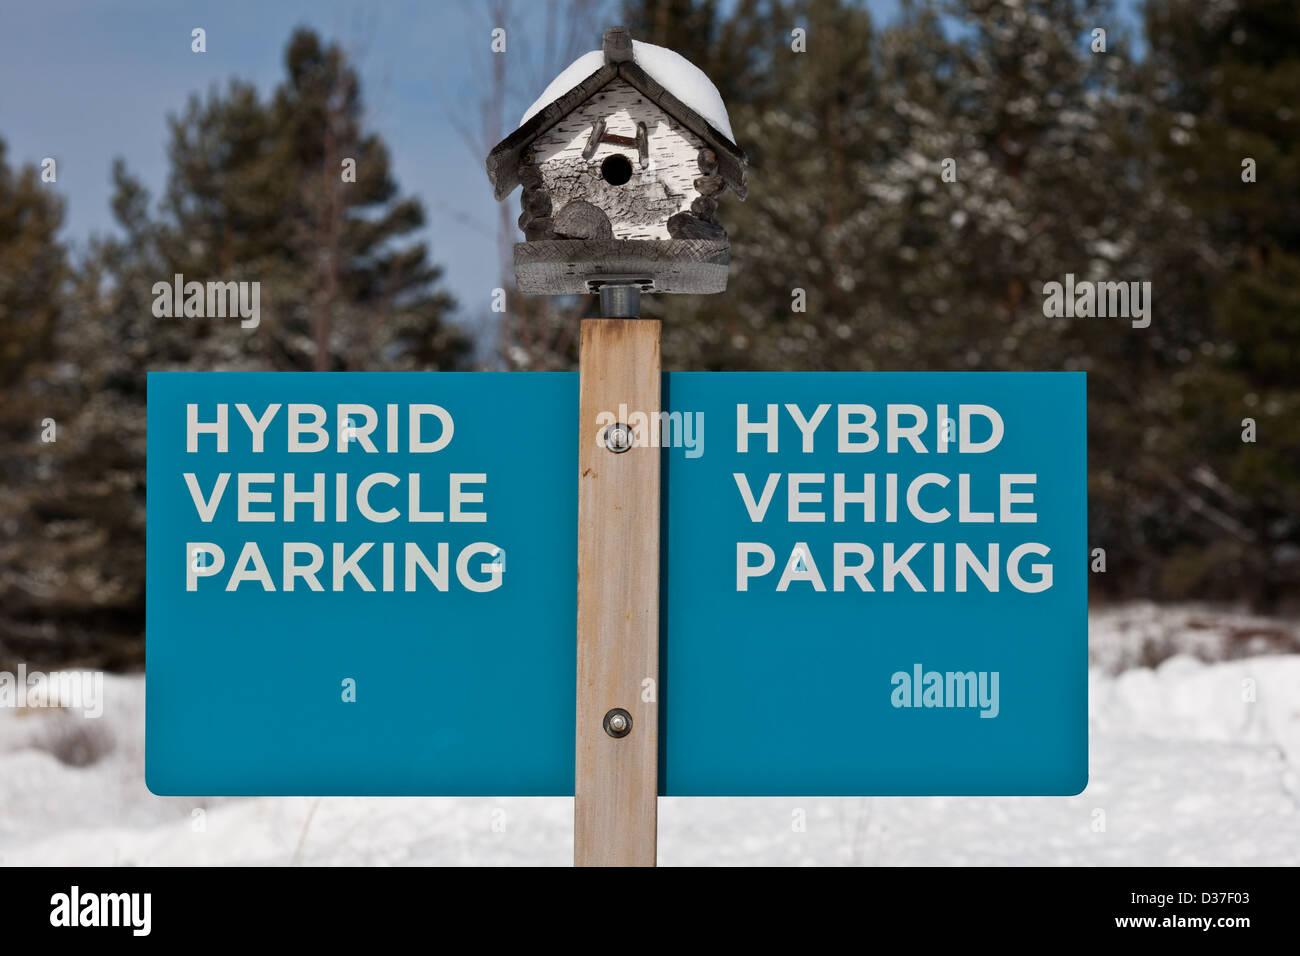 Un signo para aparcamiento de vehículos híbridos, Estado de Nueva York Imagen De Stock